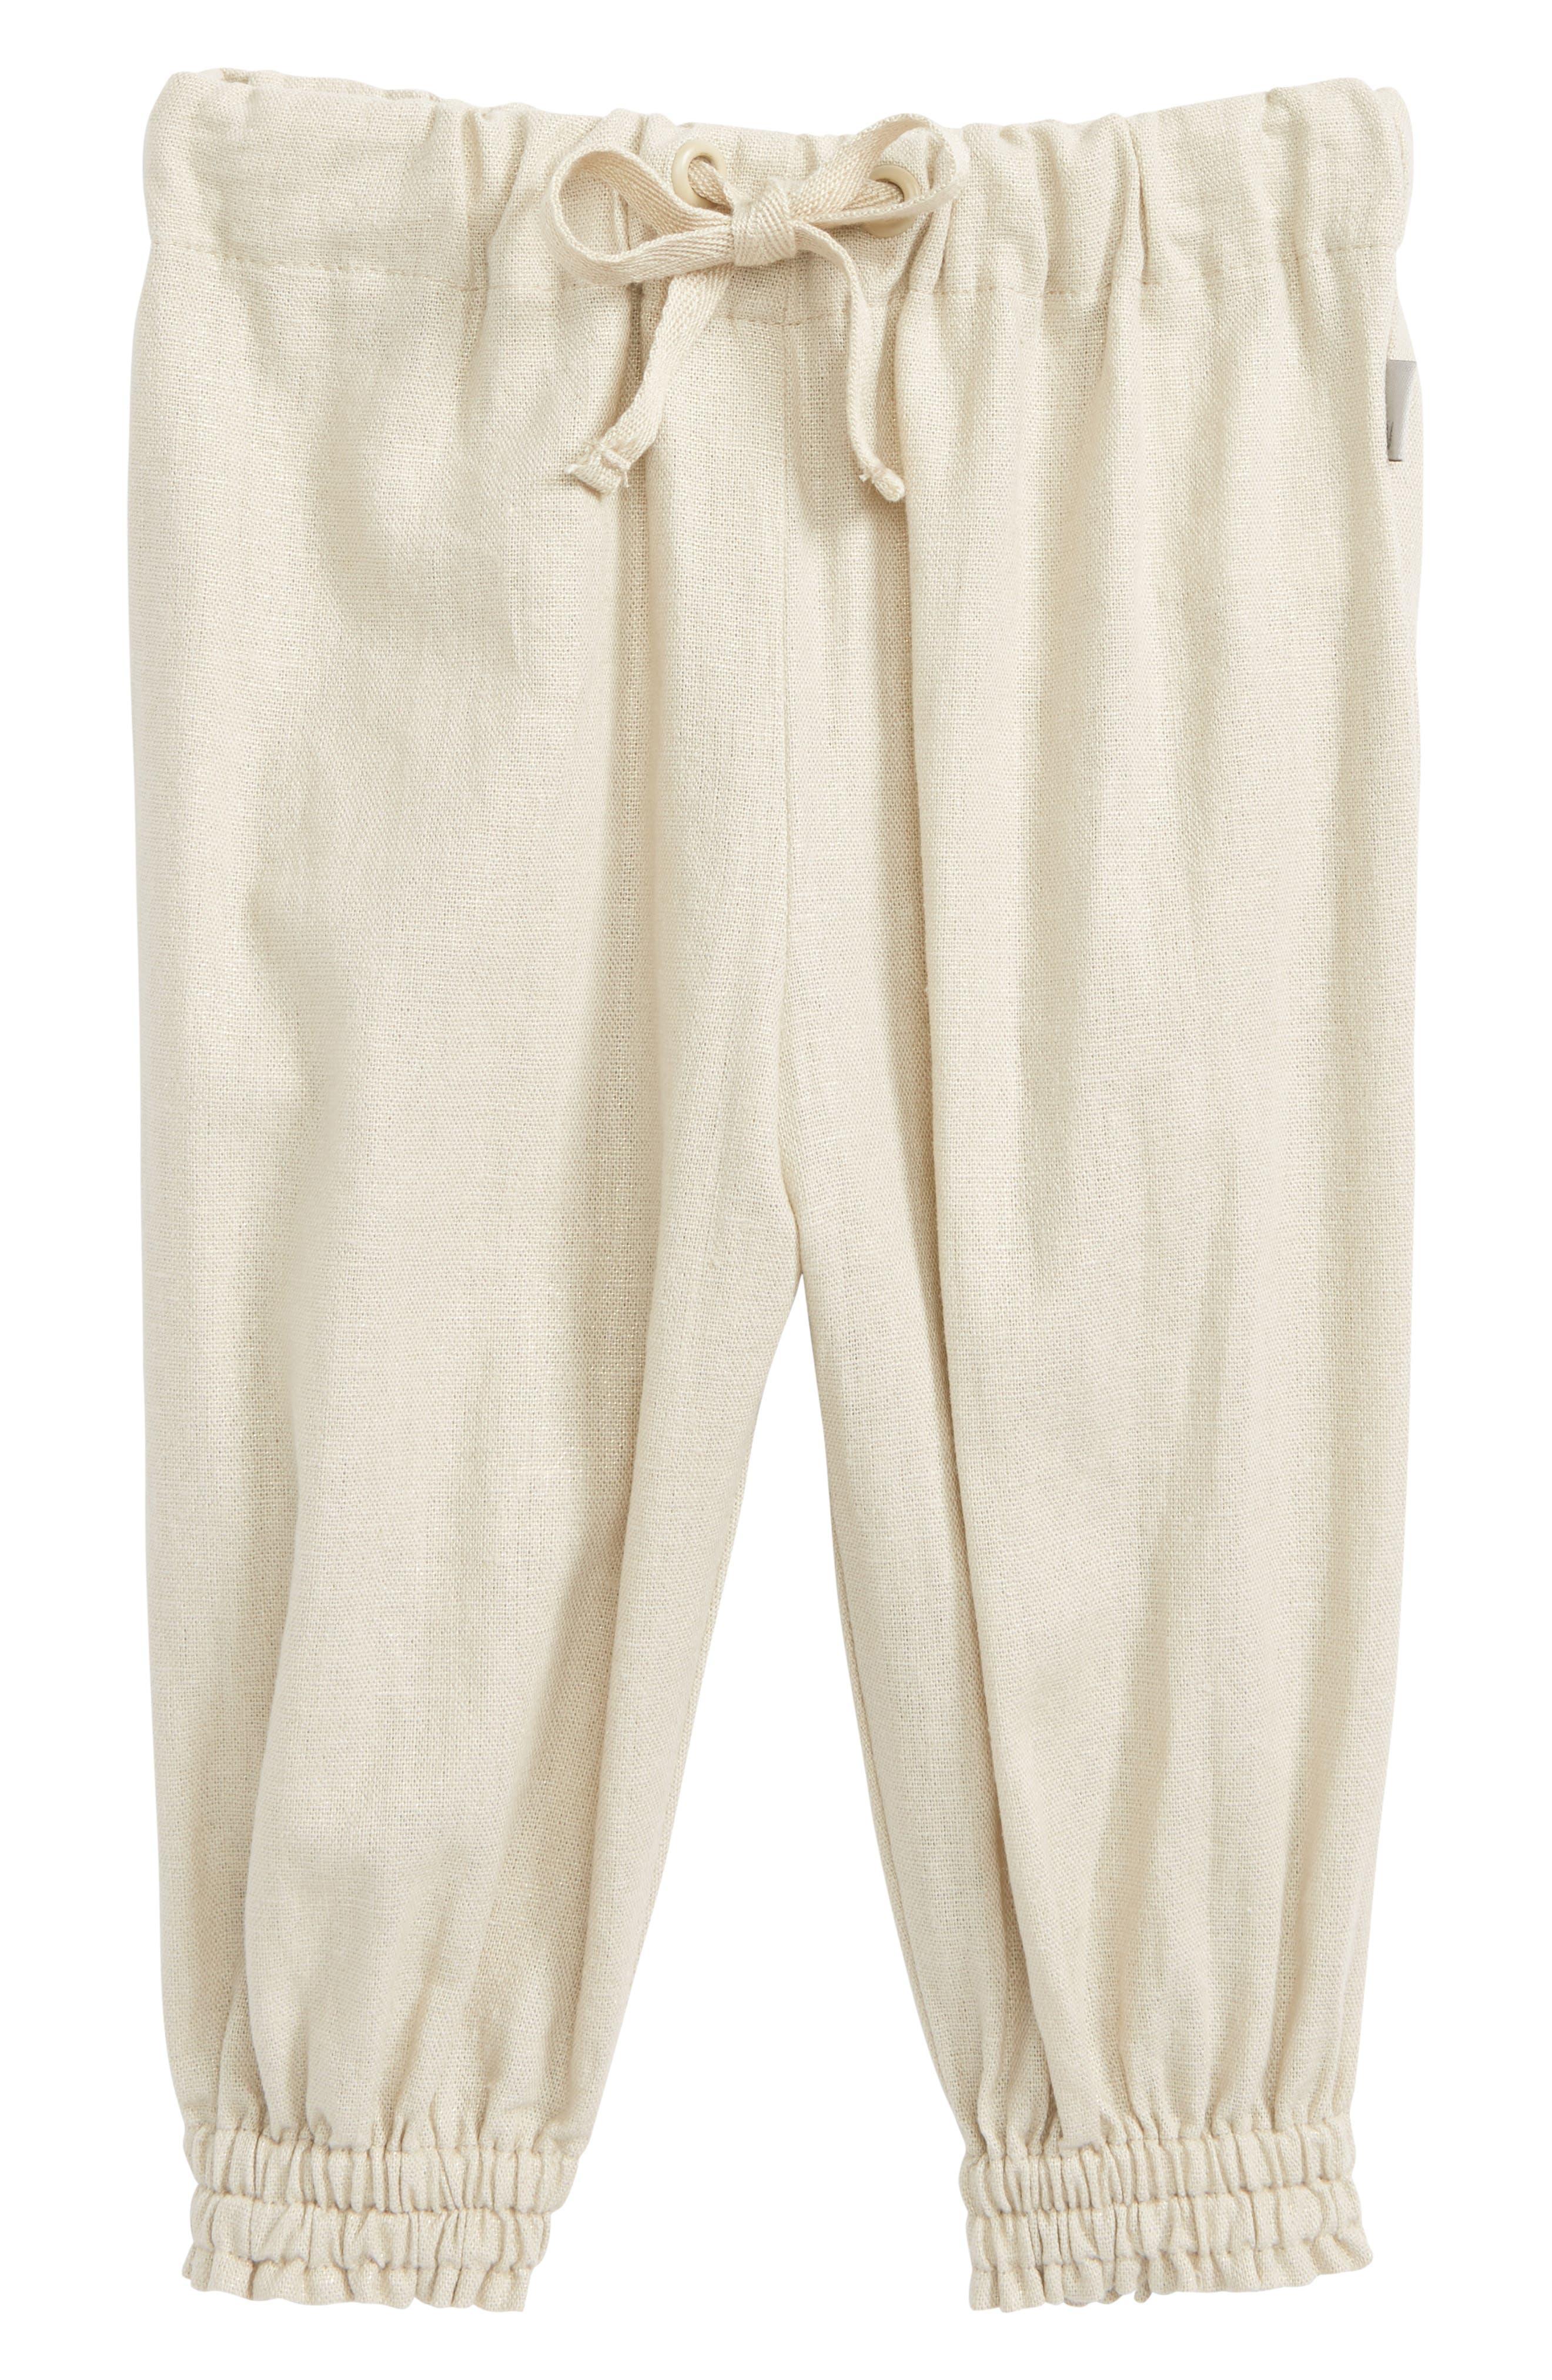 Lina Linen Blend Pants,                         Main,                         color,